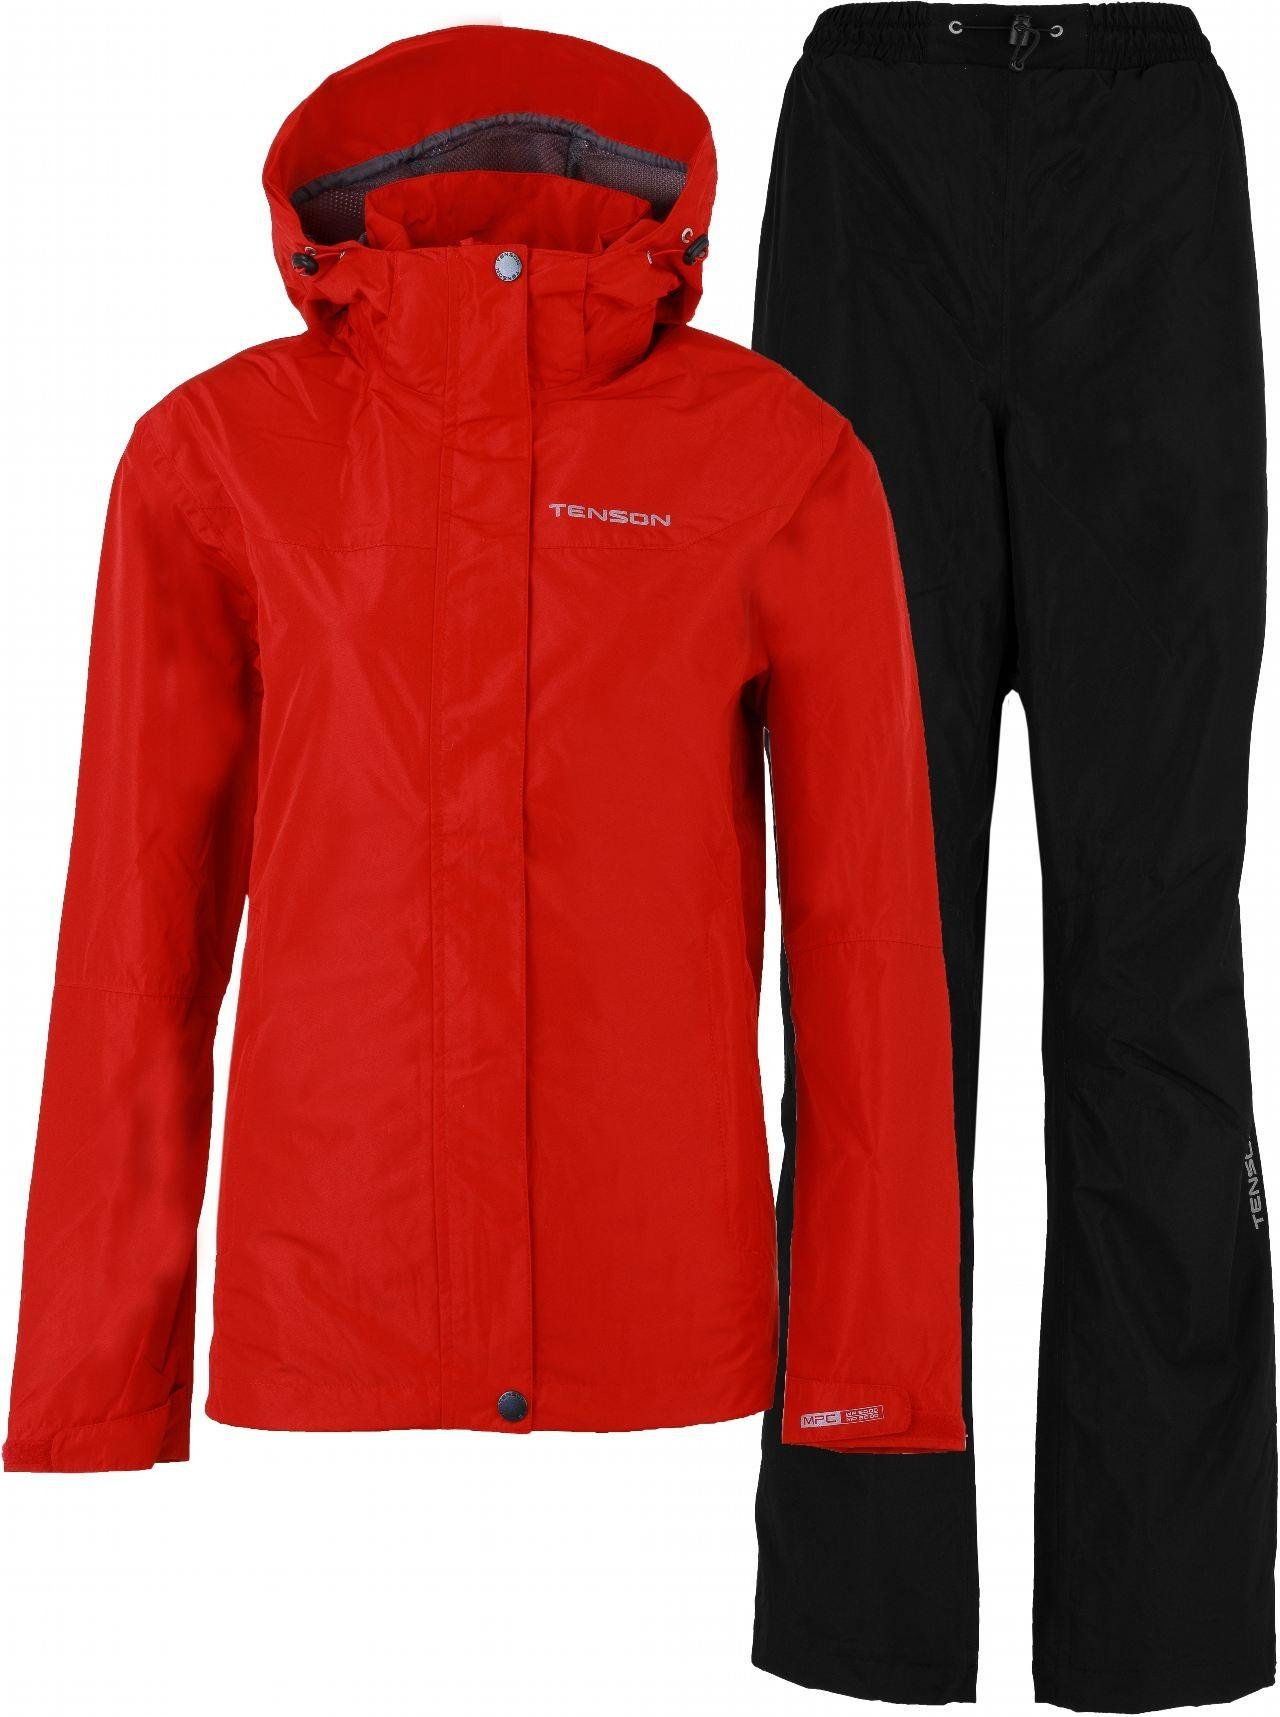 Zestaw kurtka i spodnie damskie Tenson Monitor Set W Czerwony/czarny